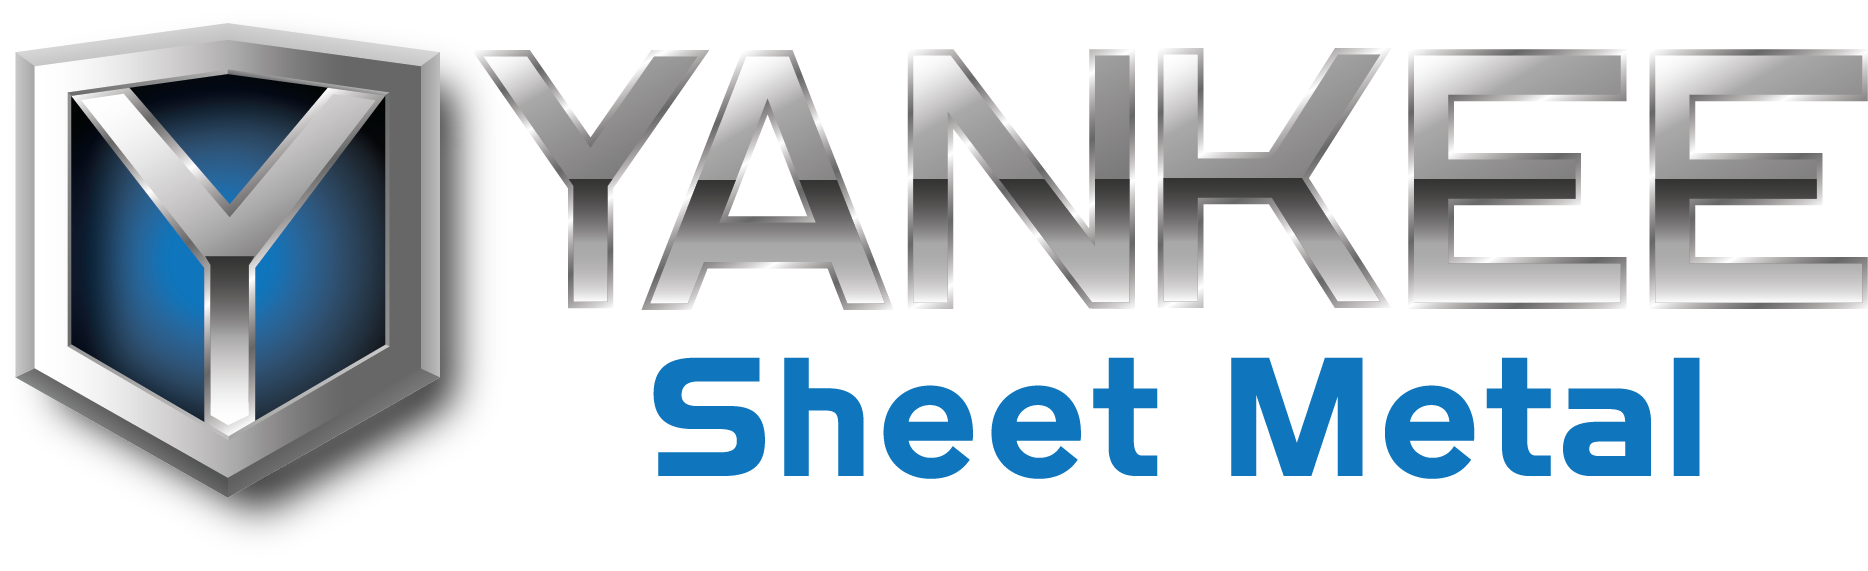 Yankee Sheet Metal